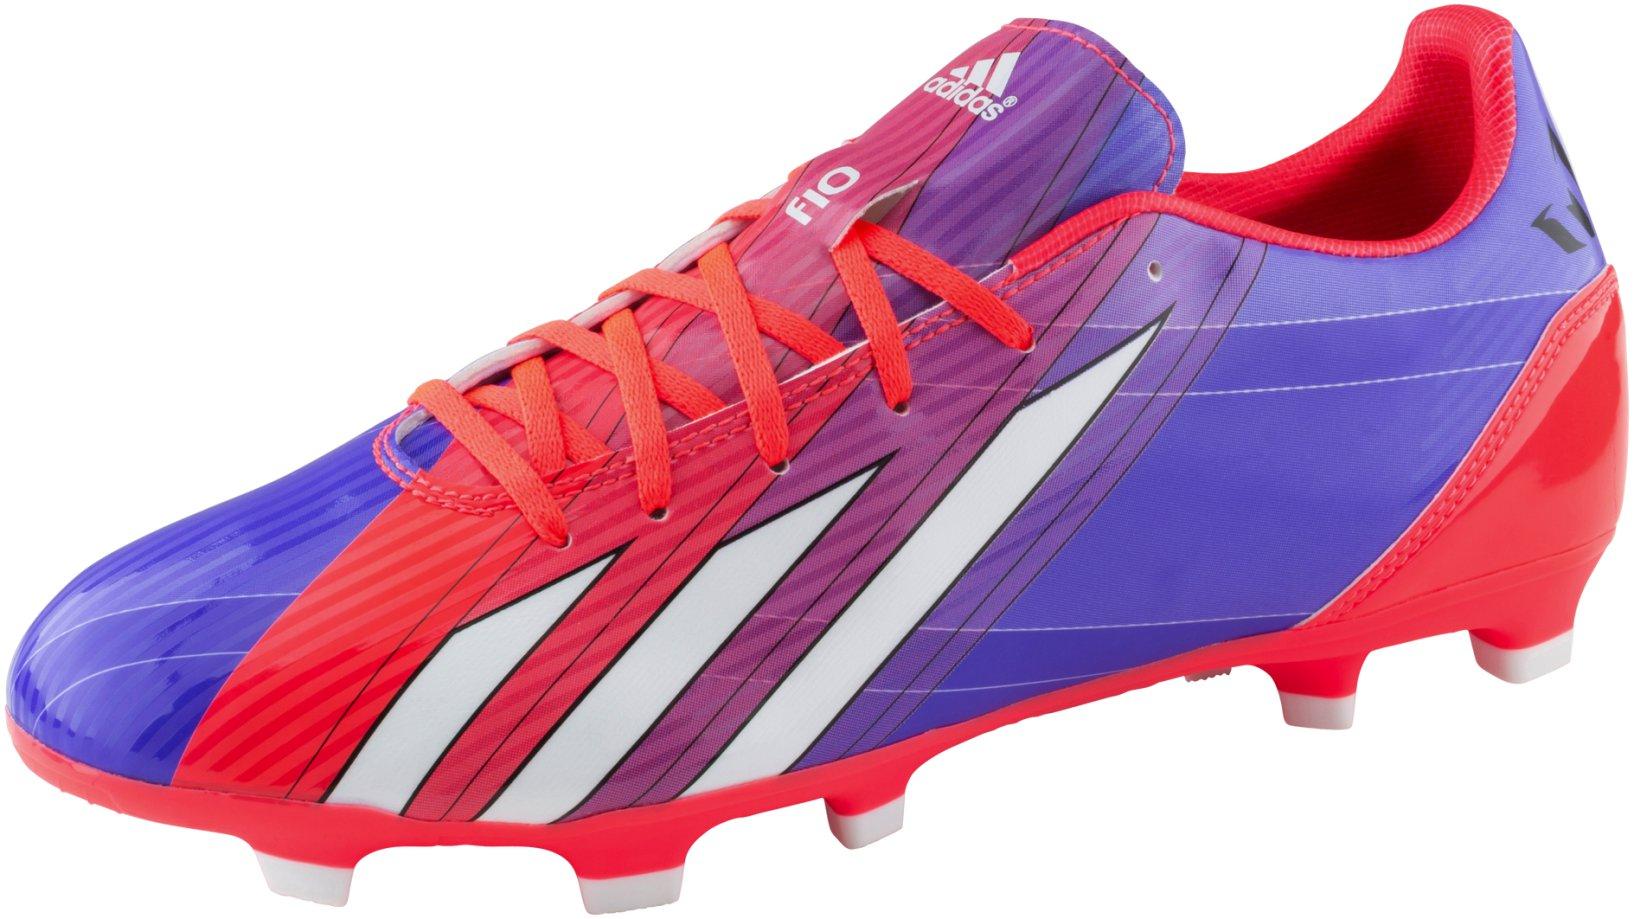 Buty pi?karskie Adidas F10 Messi TRX FG m?skie korki lanki